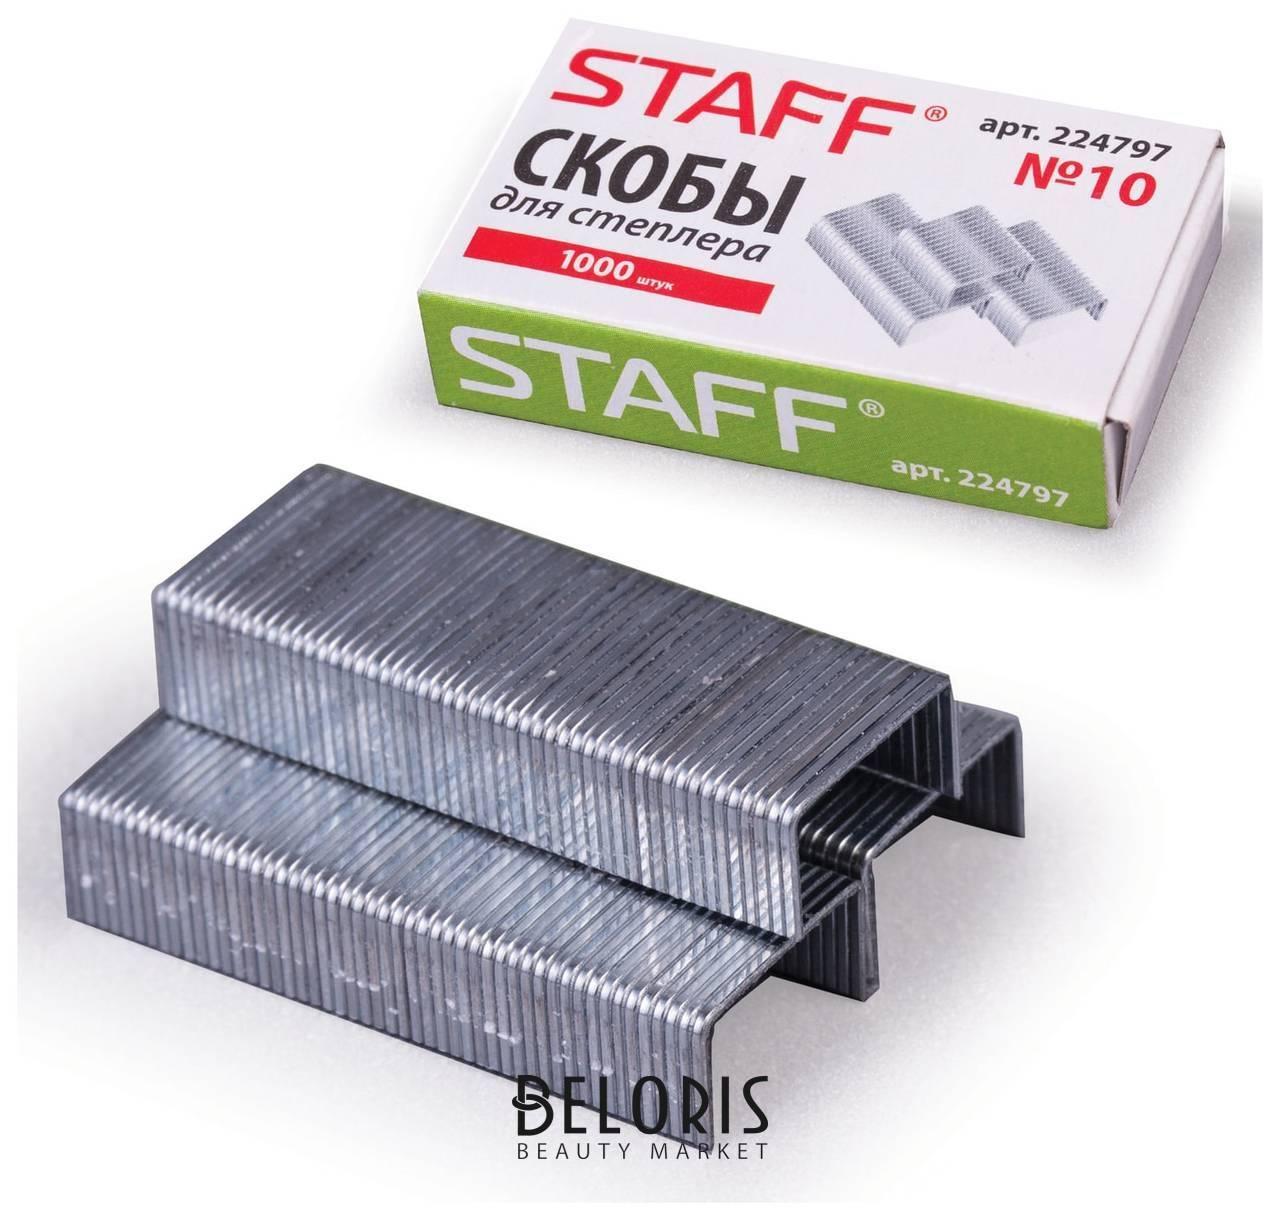 Скобы для степлера №10, 1000 штук, Staff, до 20 листов Staff